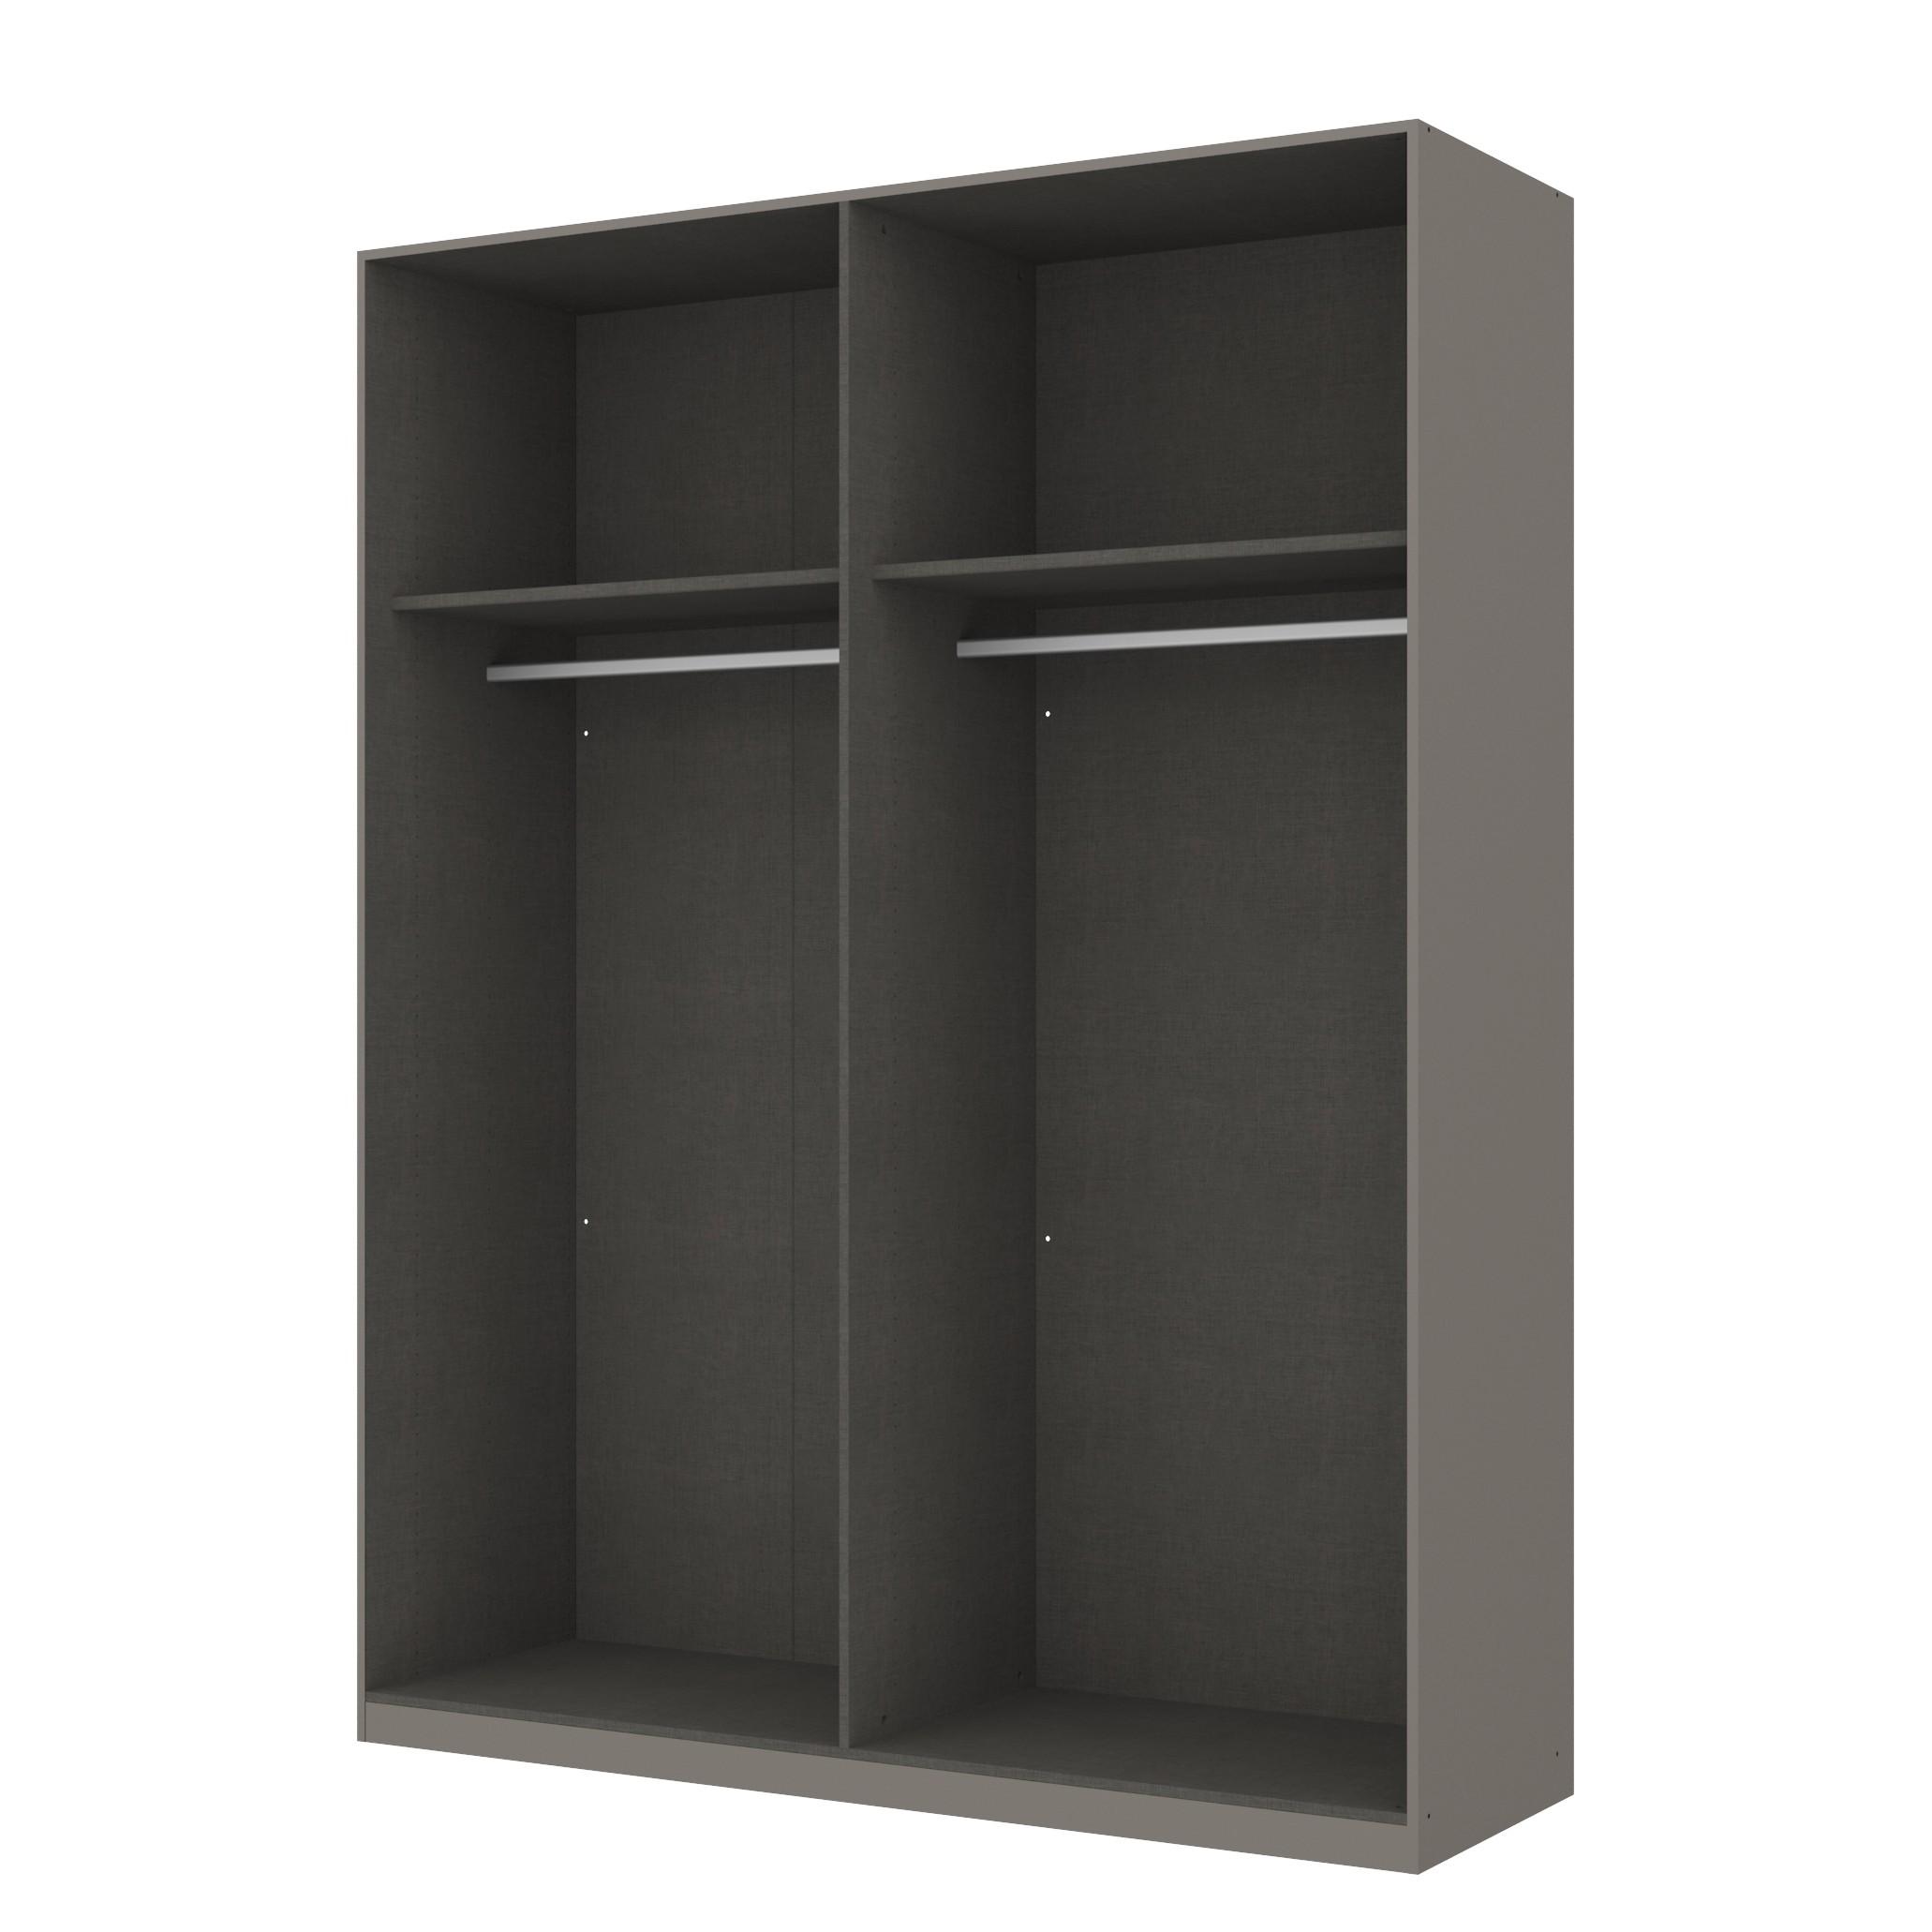 goedkoop Draaideurkast Skøp grafietkleurig open 181cm 4 deurs 236cm Classic Skop